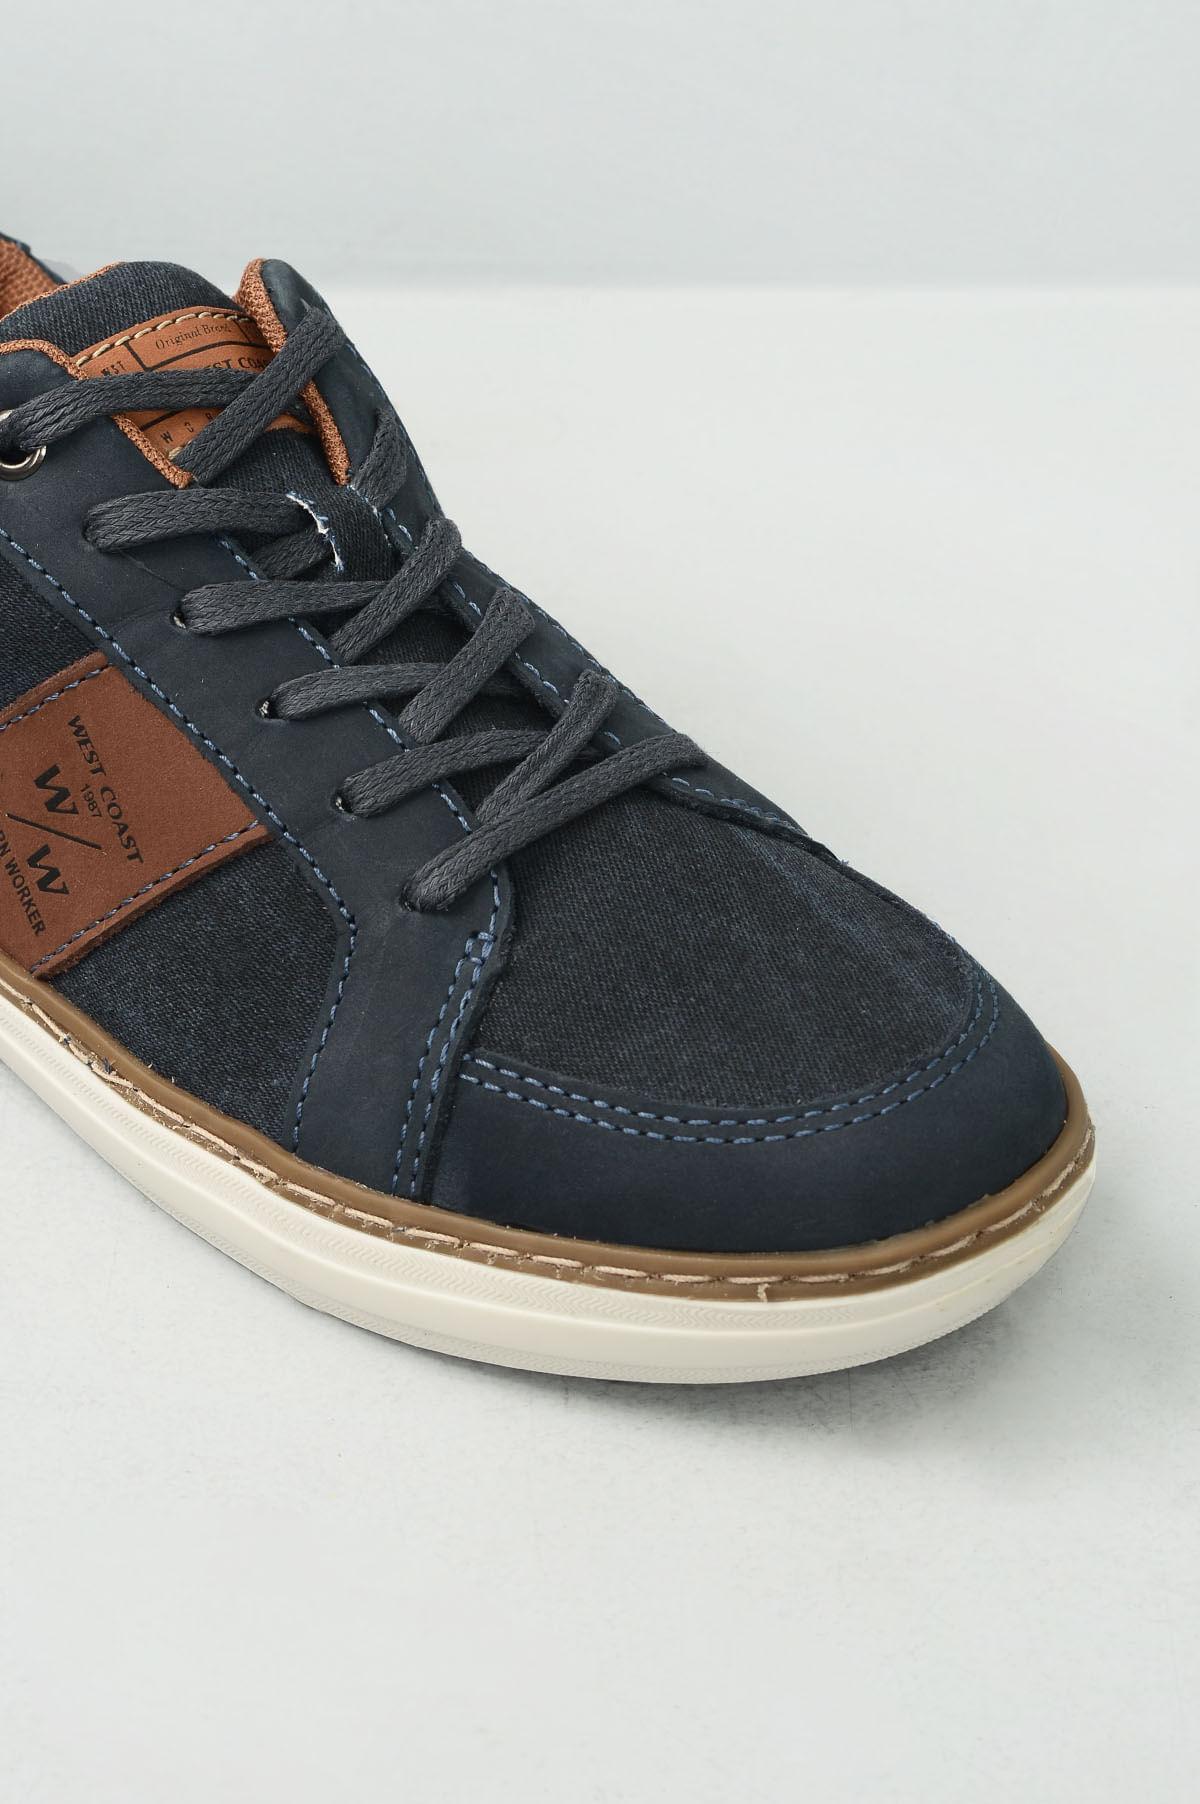 f7662f98e3 Sapatênis Masculino West Coast Modena TEC - MARINHO - Mundial Calçados